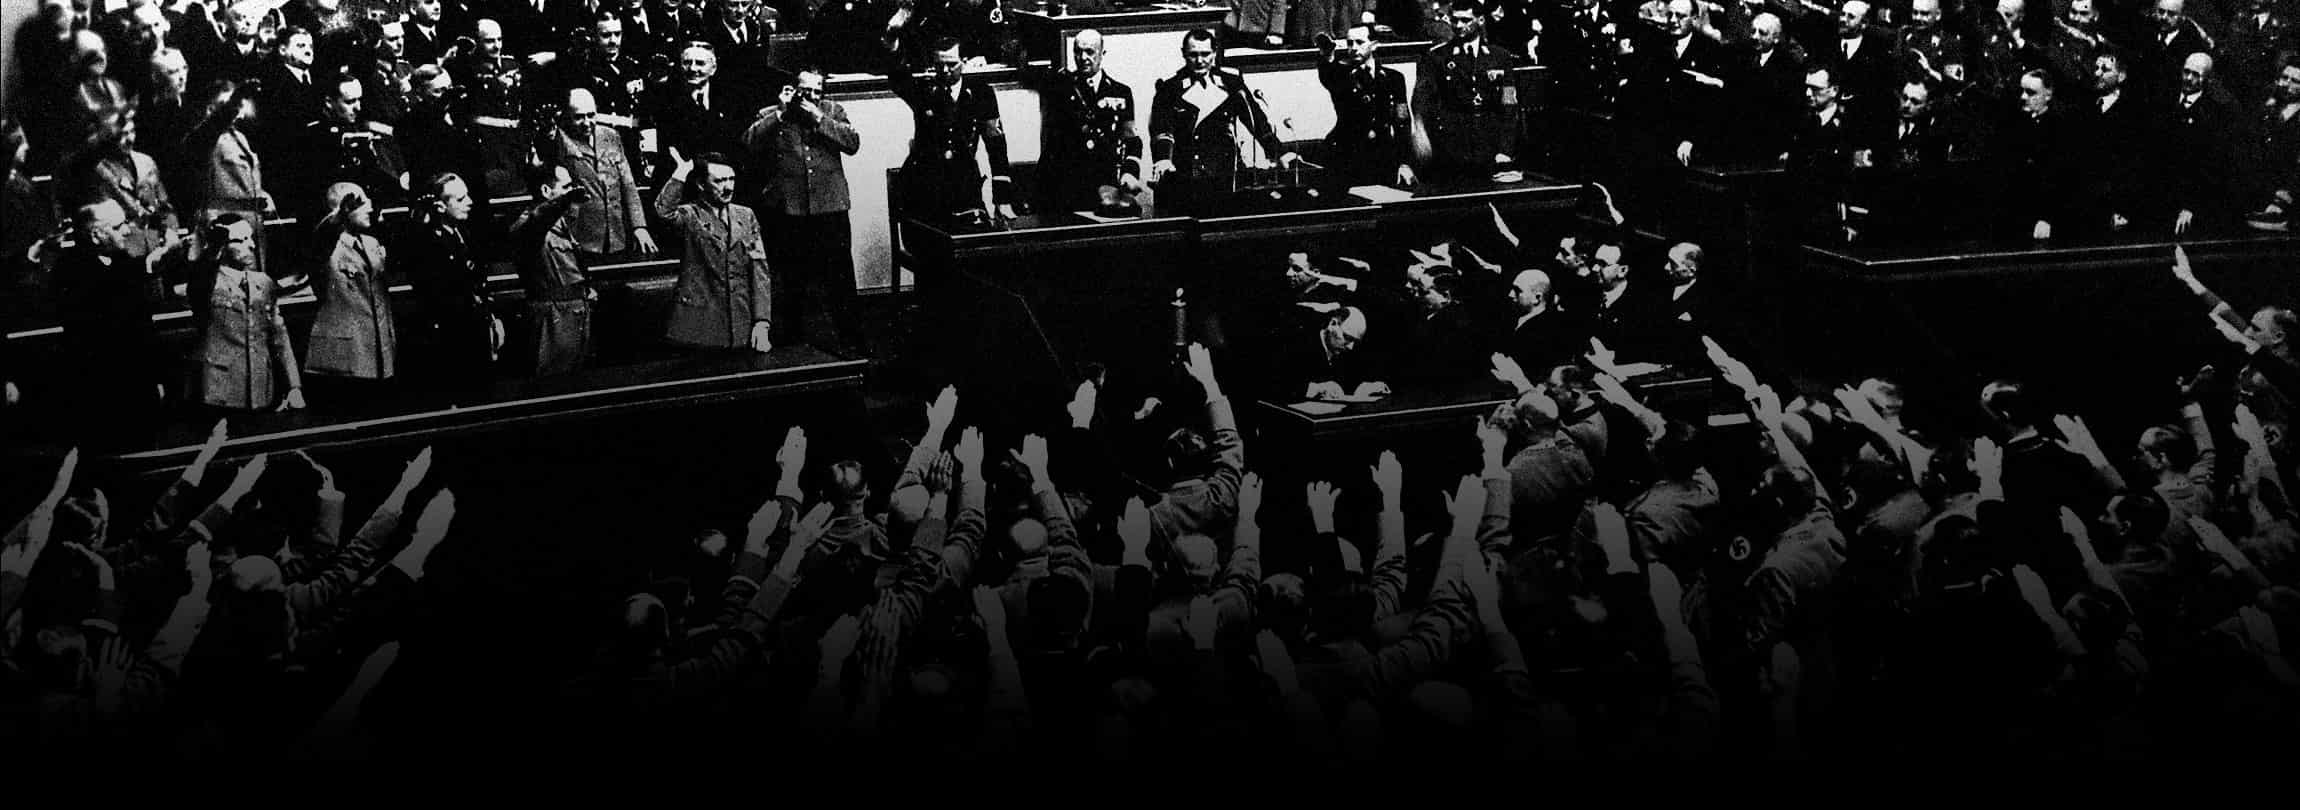 Os pressupostos de uma ditadura